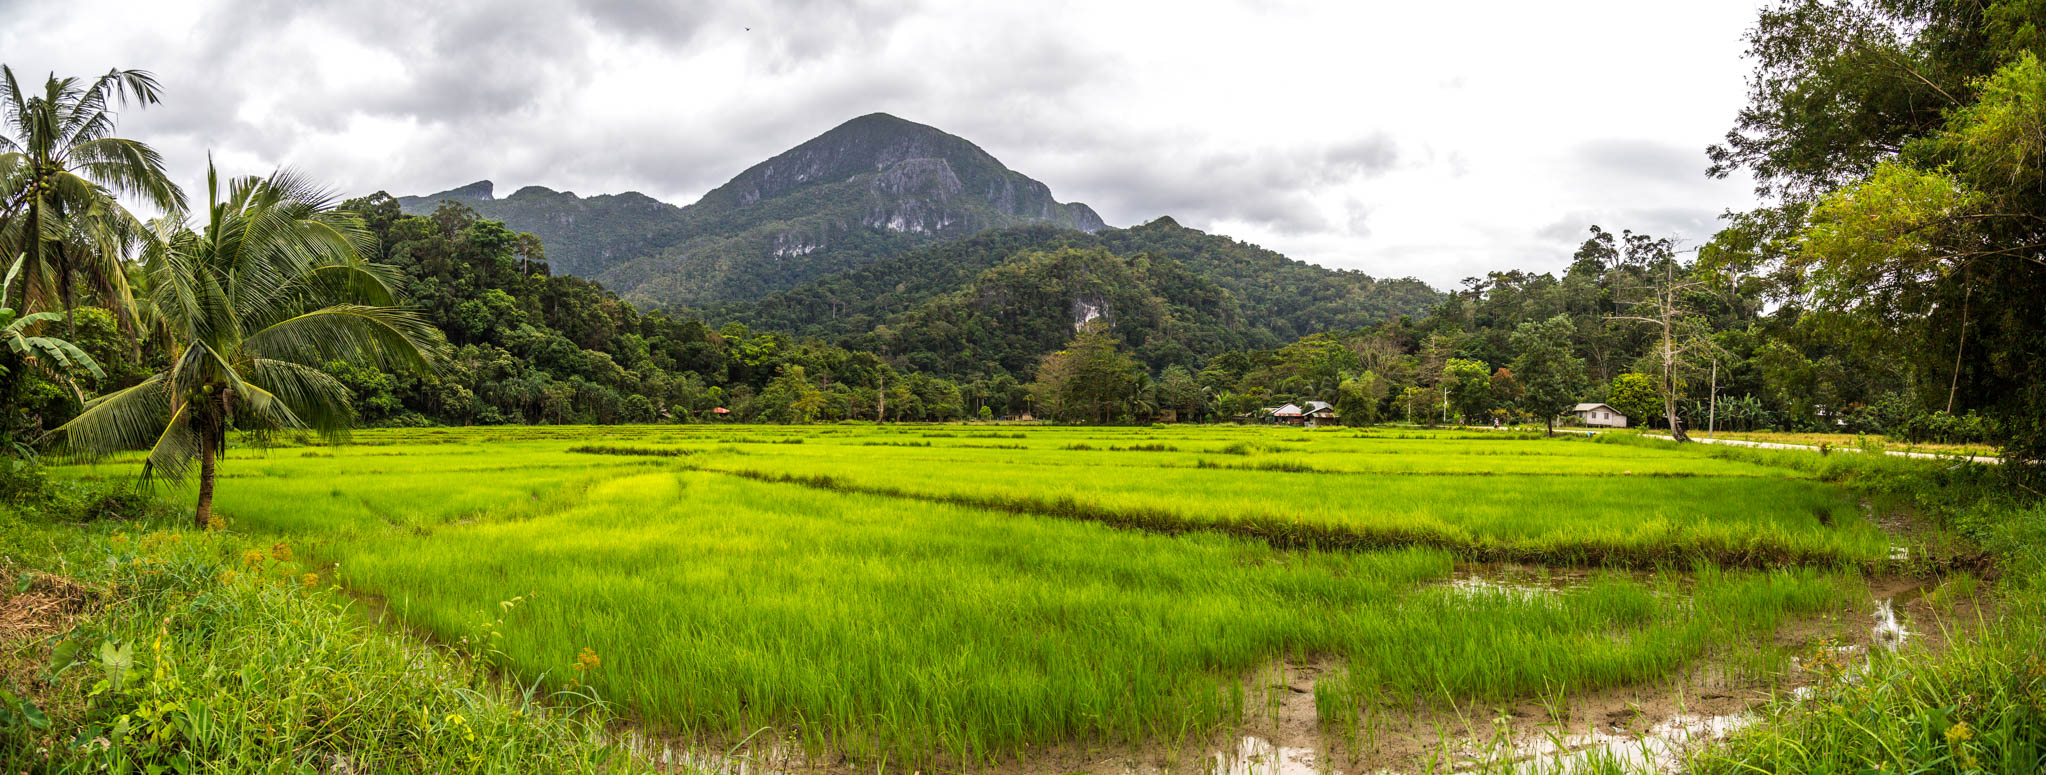 Reisfelder in Sabang